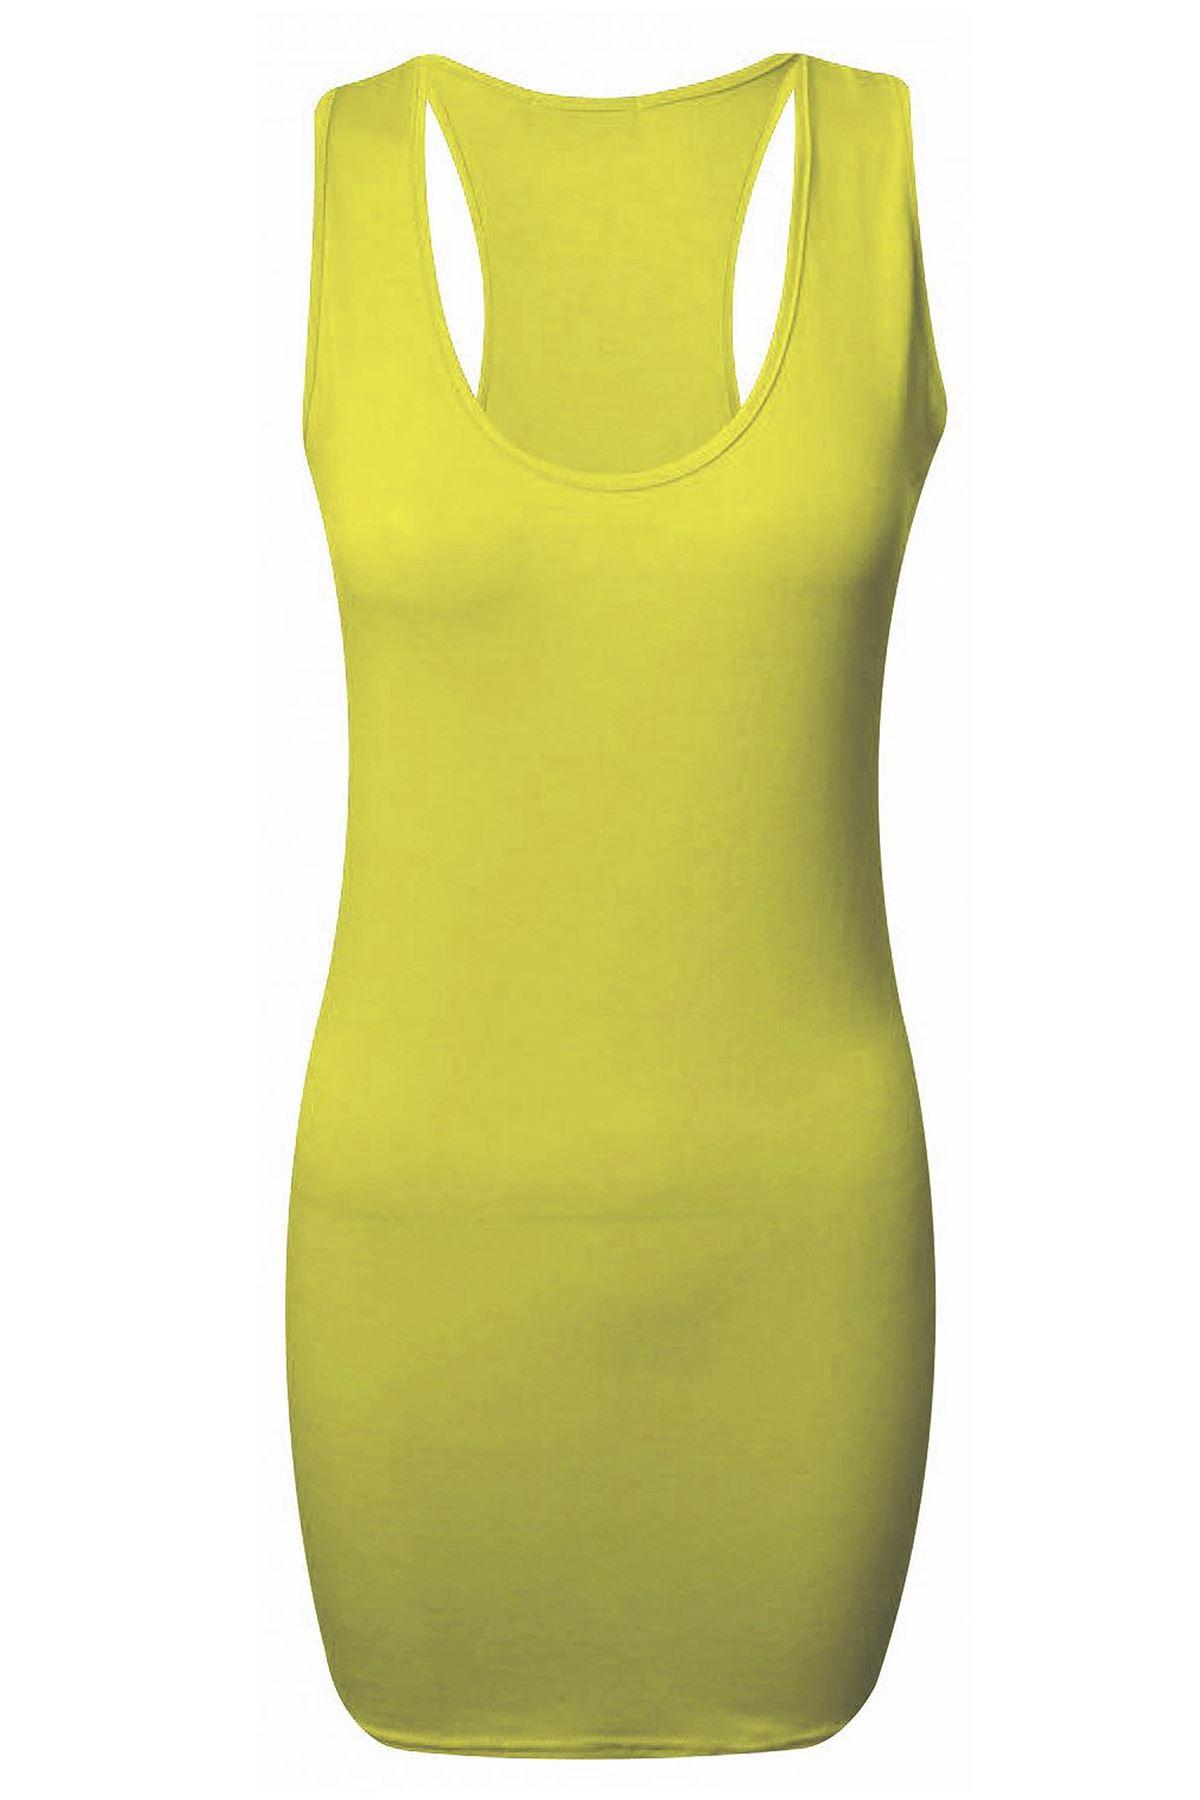 Mujer-musculos-DORSALES-corredora-Vestido-cenido-sin-mangas-mujer-Todos-Colores